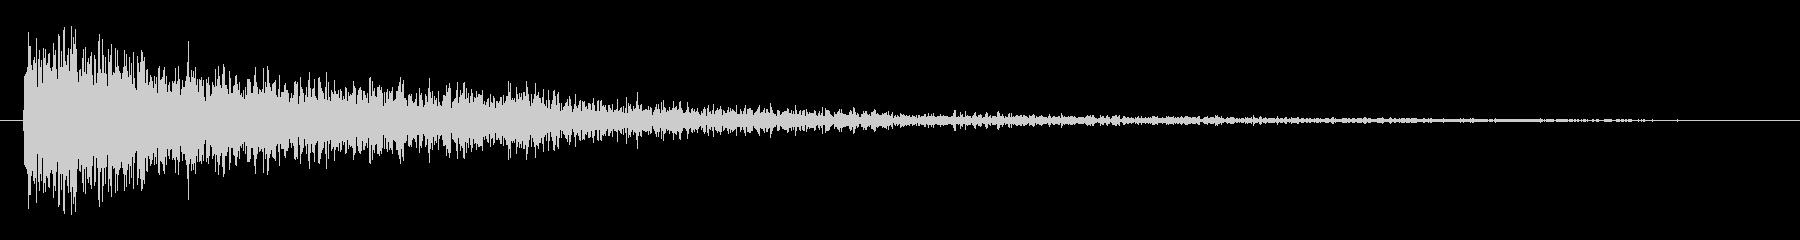 メタル ビッグインパクトラトル03の未再生の波形